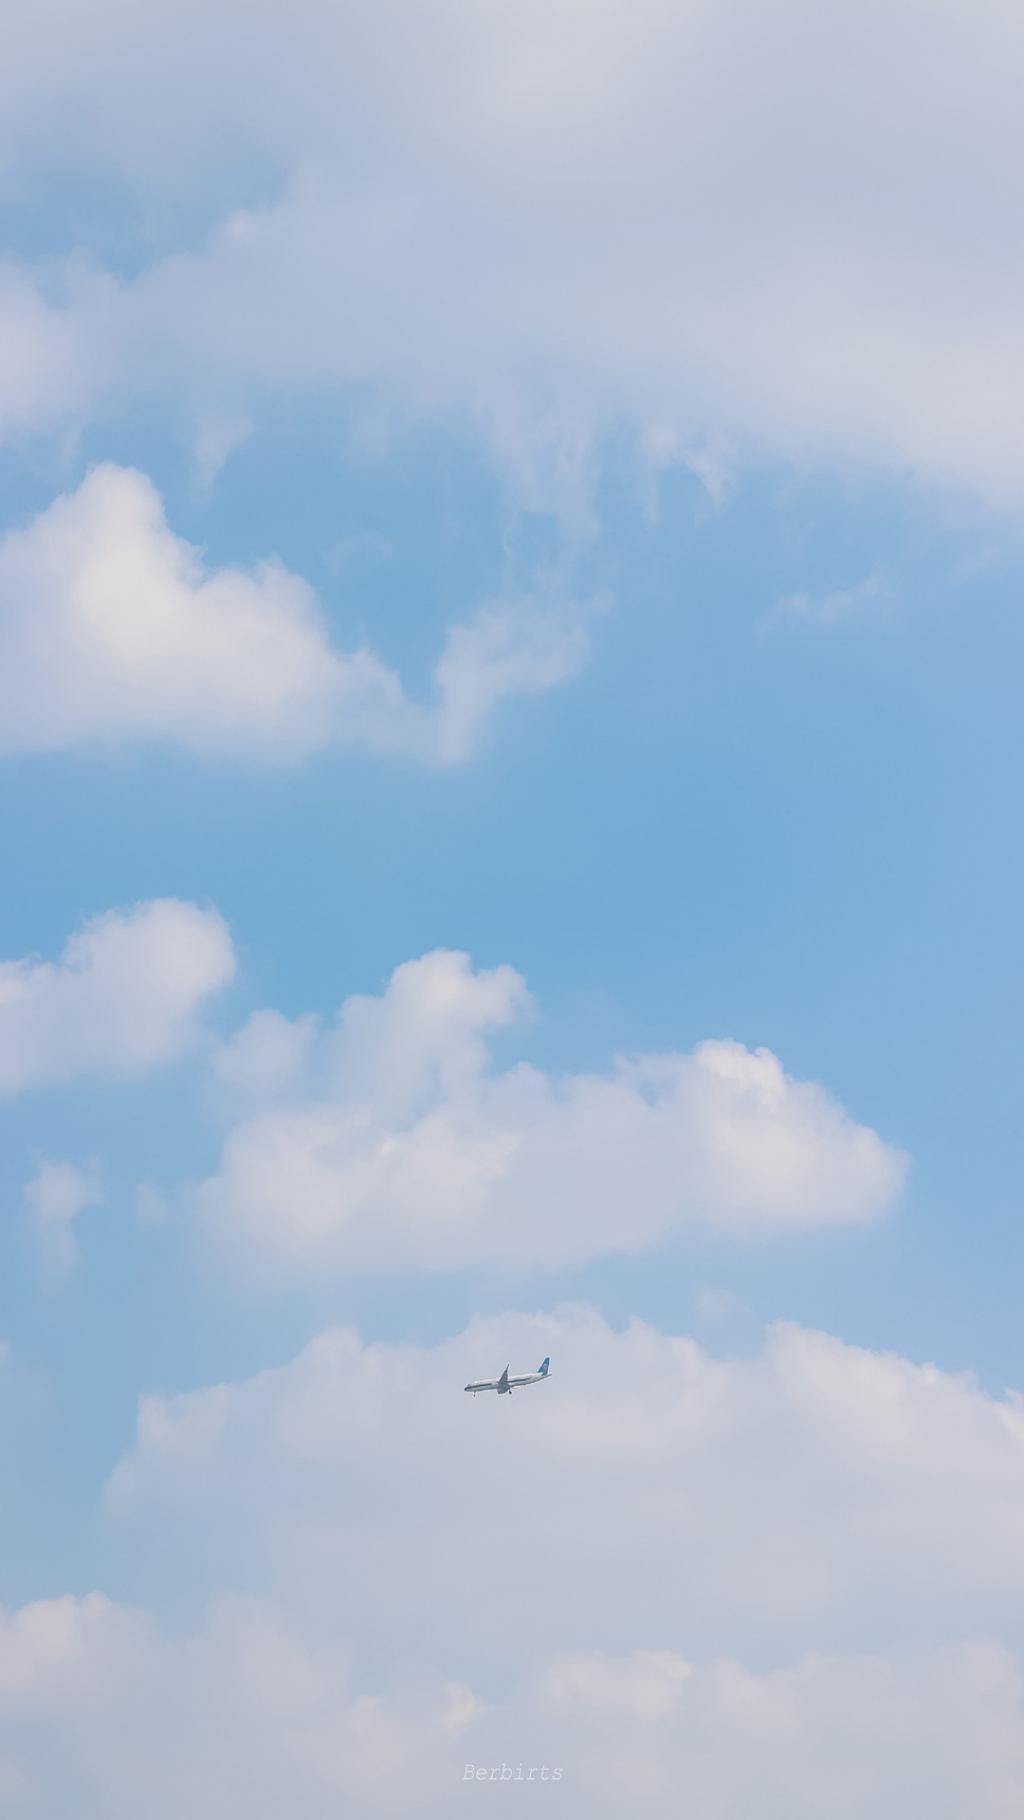 蔚蓝纯净的天空美景